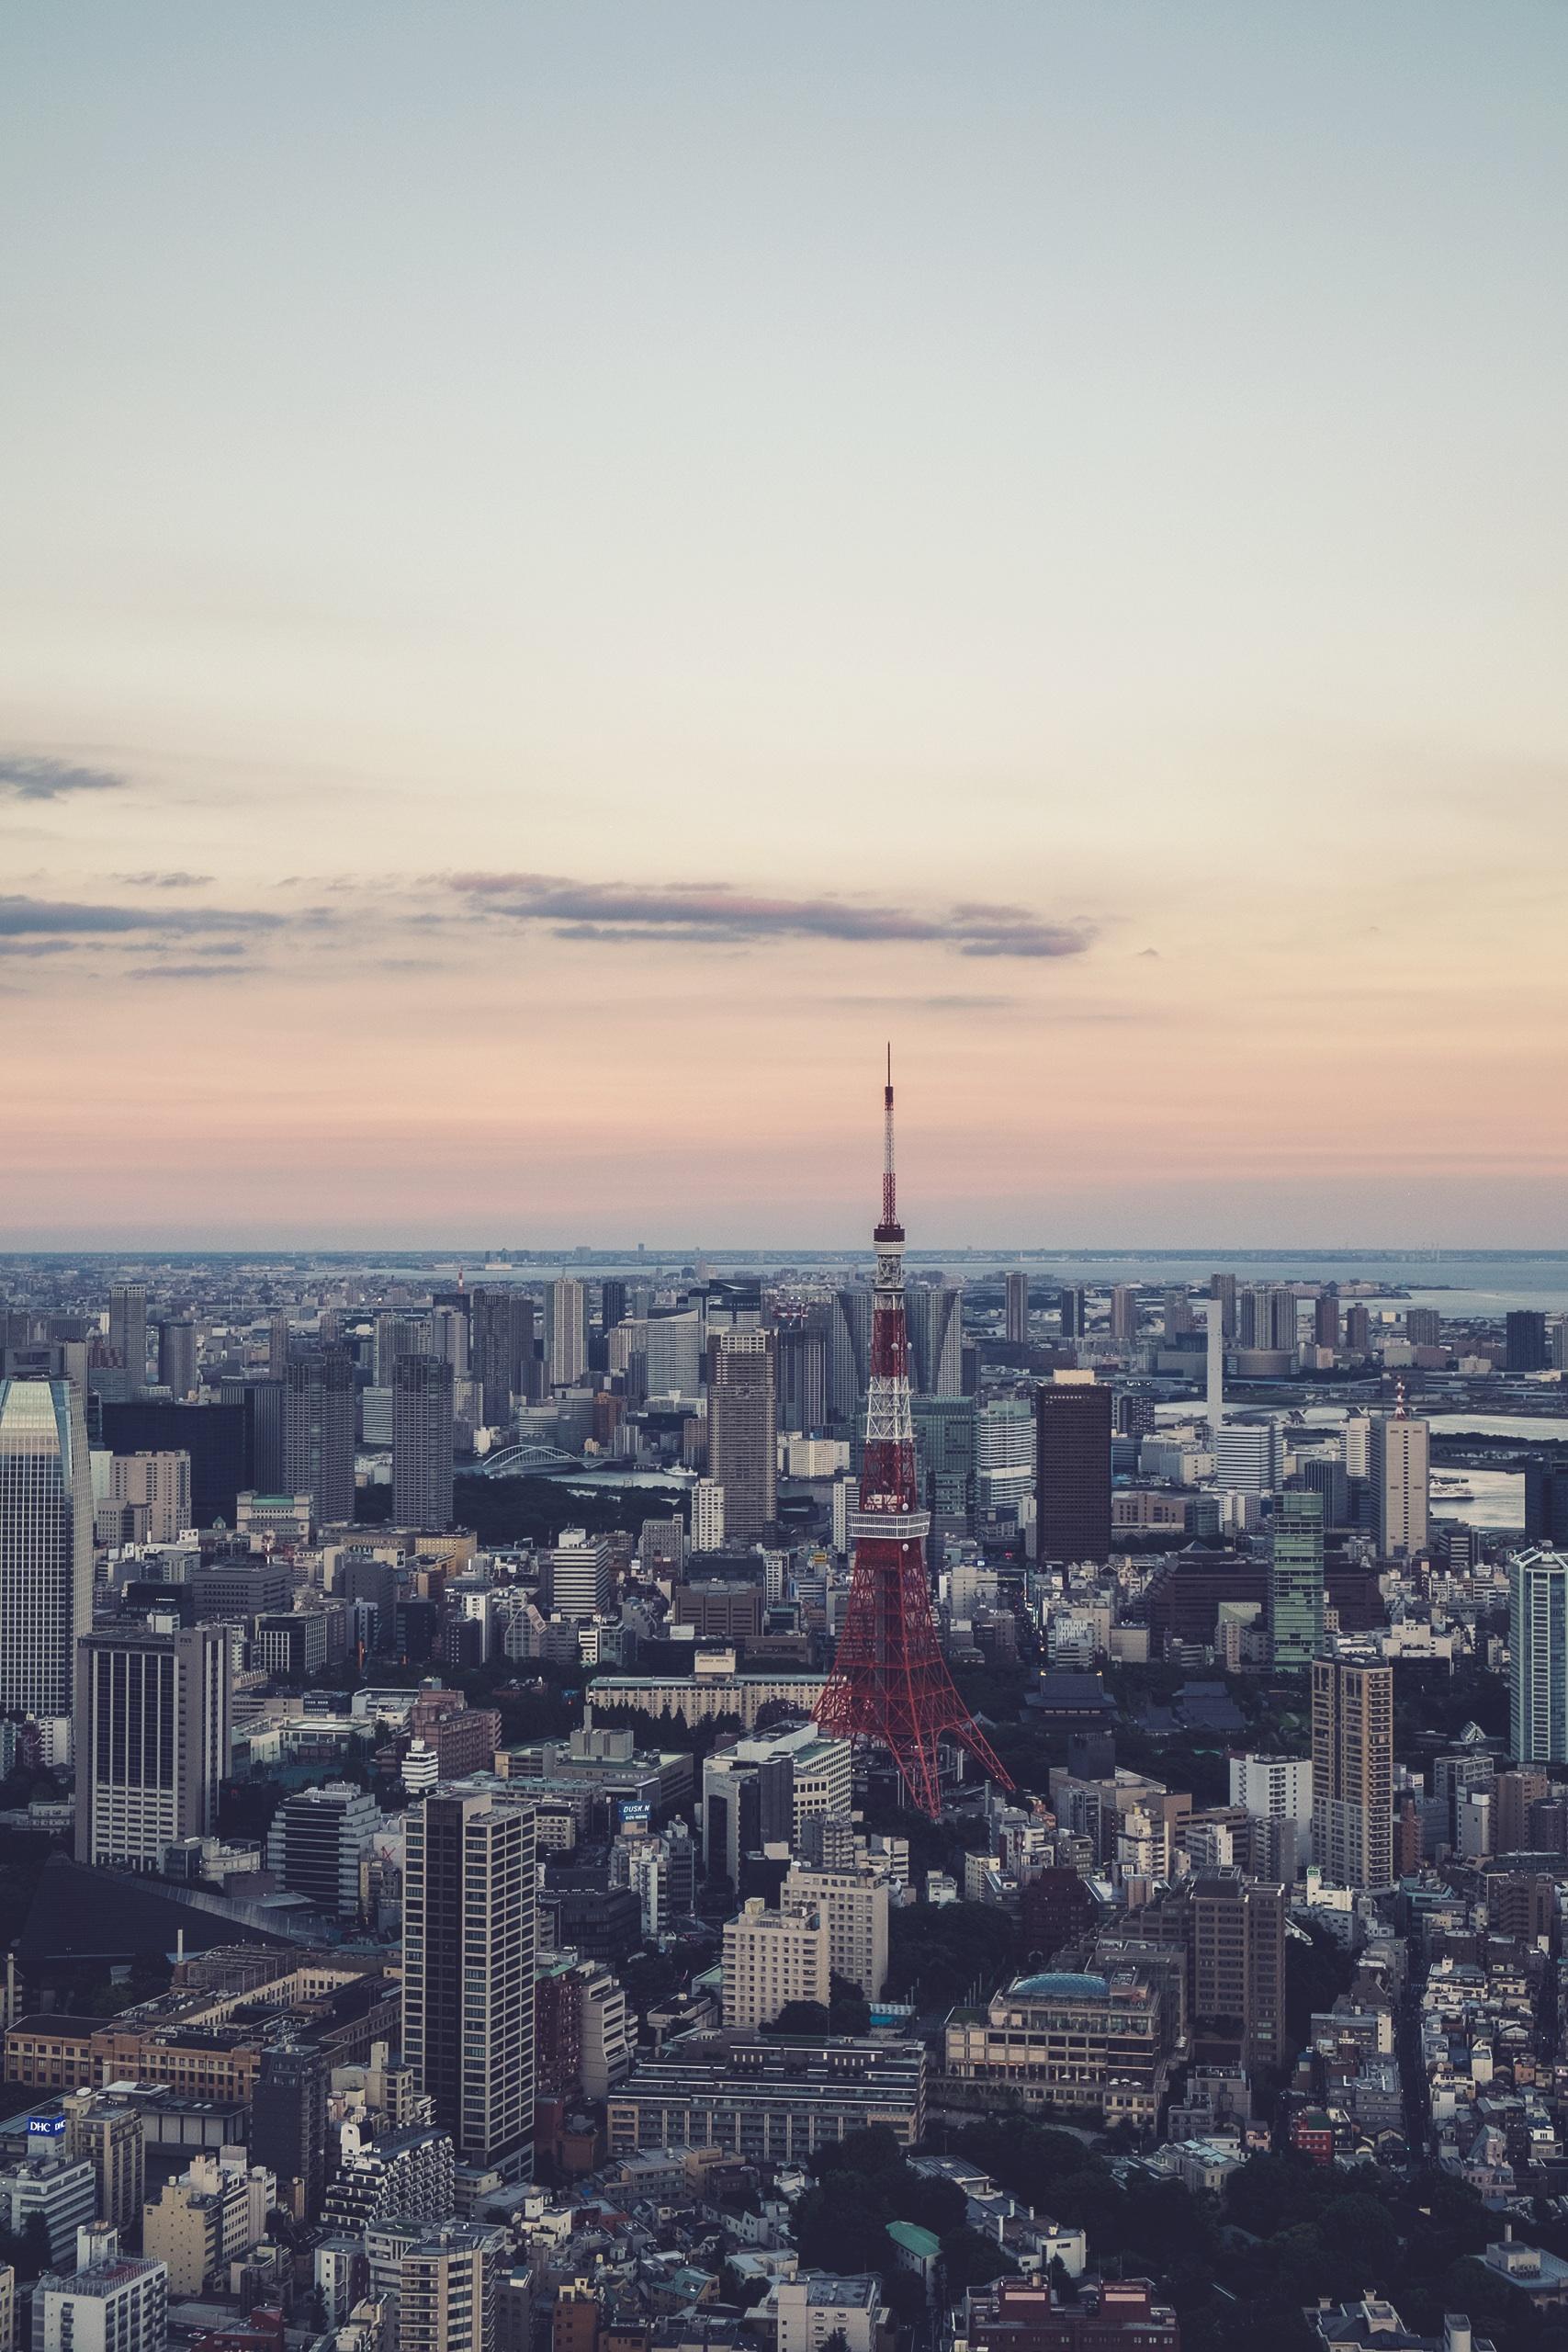 Tokyo_SvenScheuermeier_photo-1443170412500-d04323a4eb57.jpg